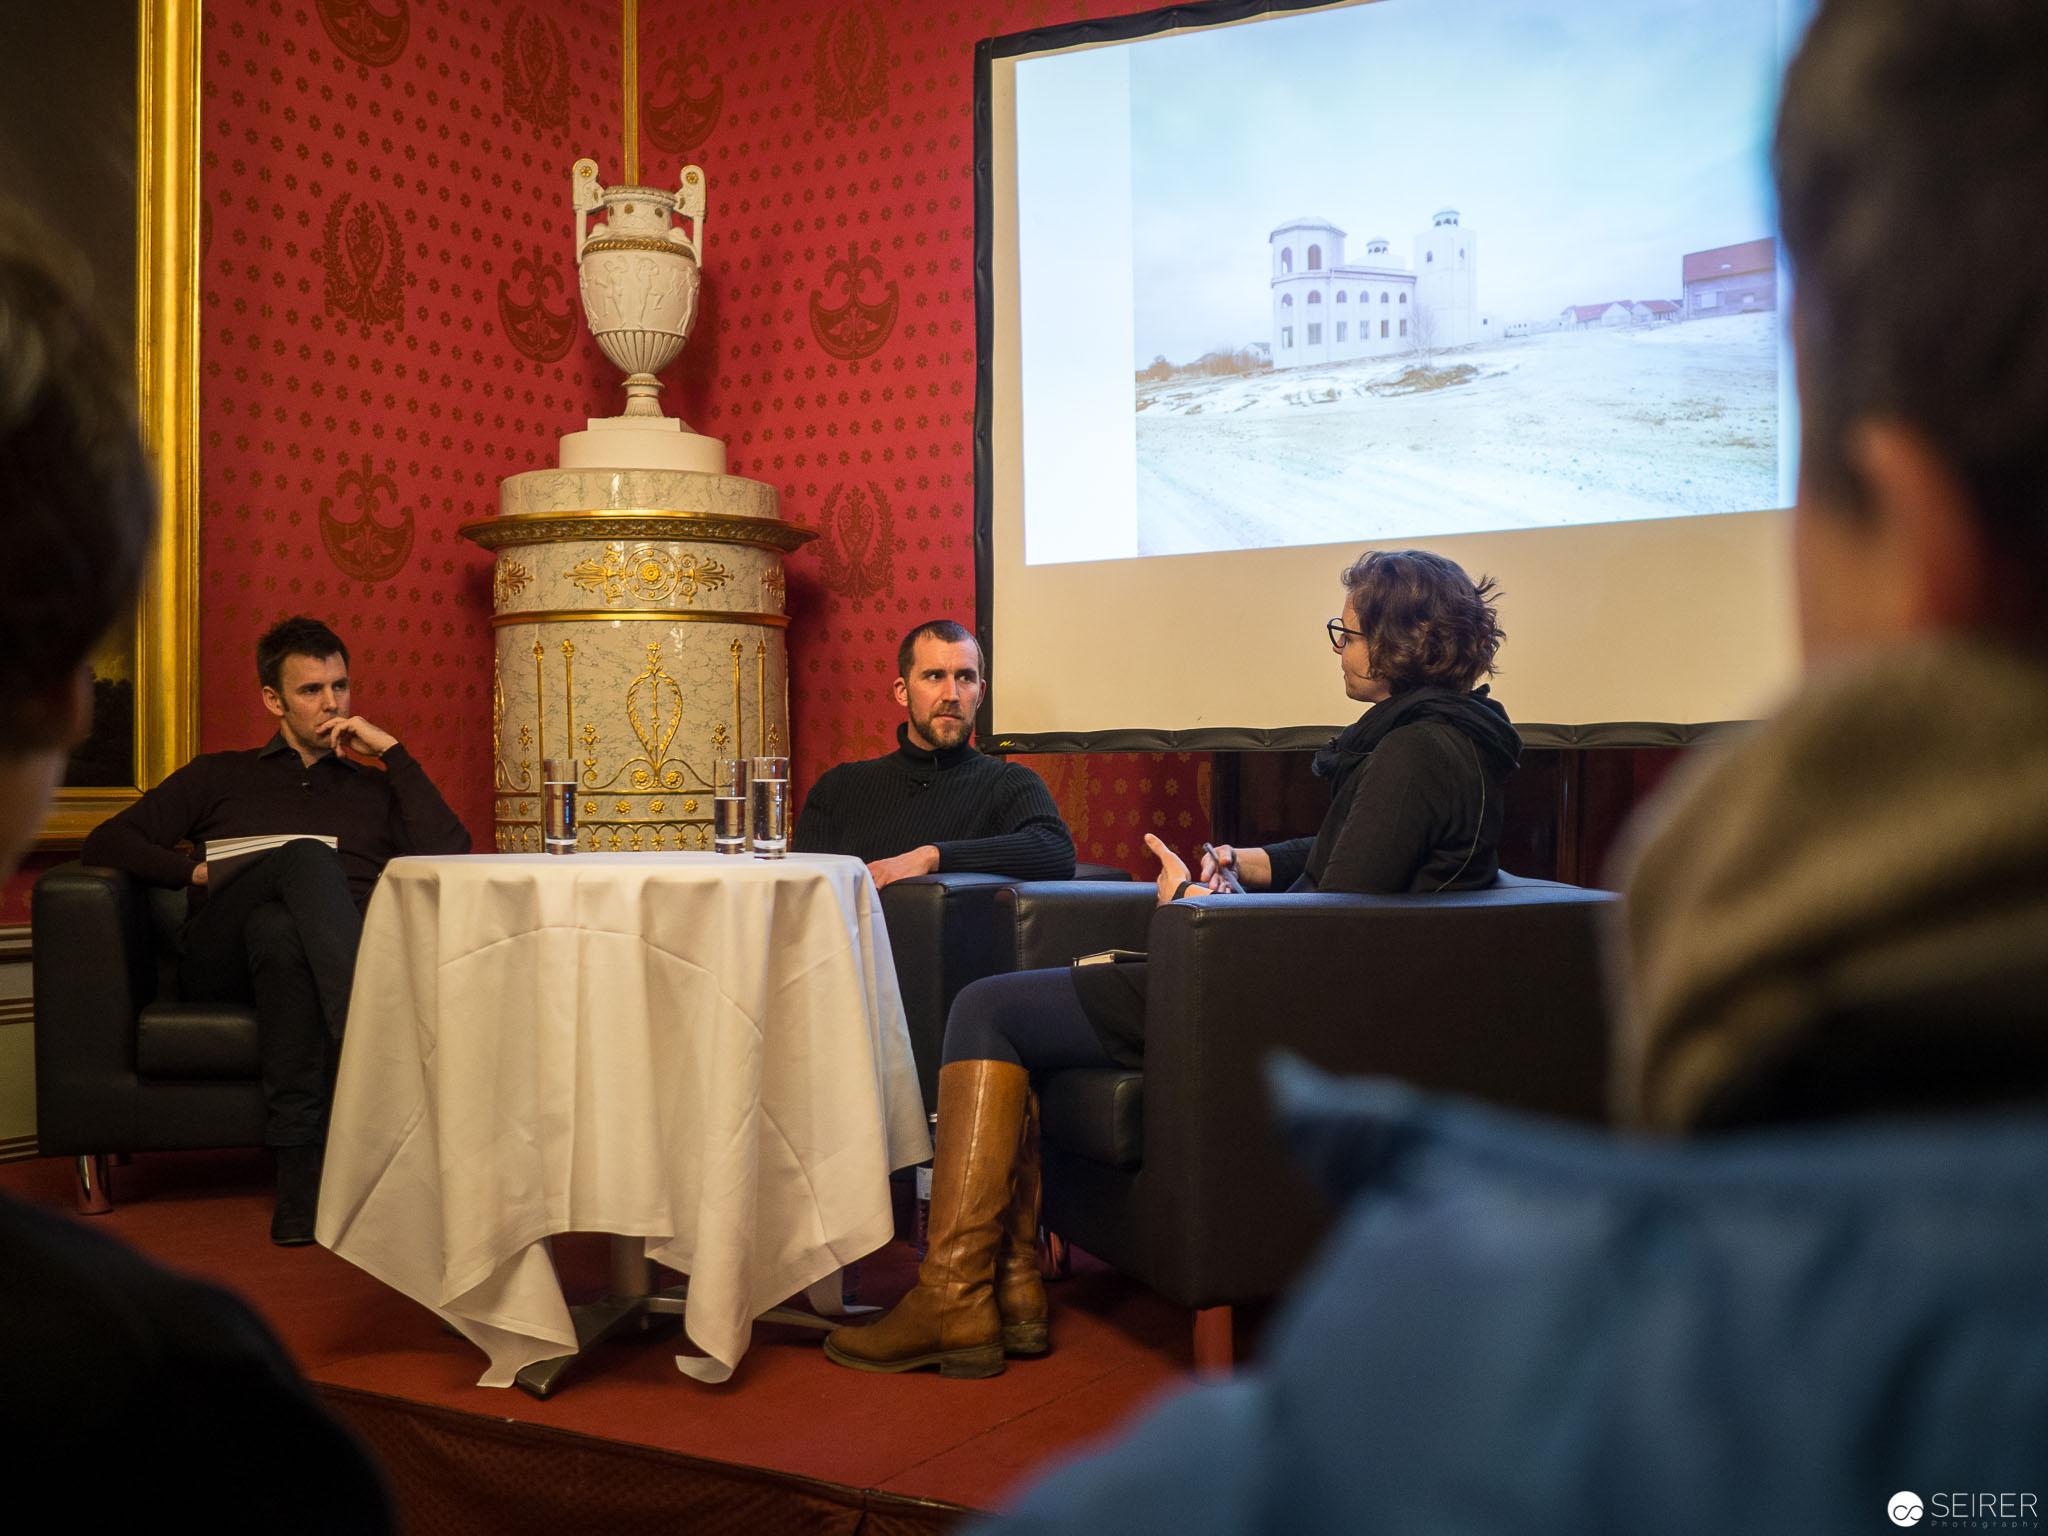 Gregor Sailer im Gespräch mit einem Gespräch mit Judith Lehner (Architektin & Stadtforscherin) und Walter Moser (Leiter Fotosammlung der ALBERTINA)